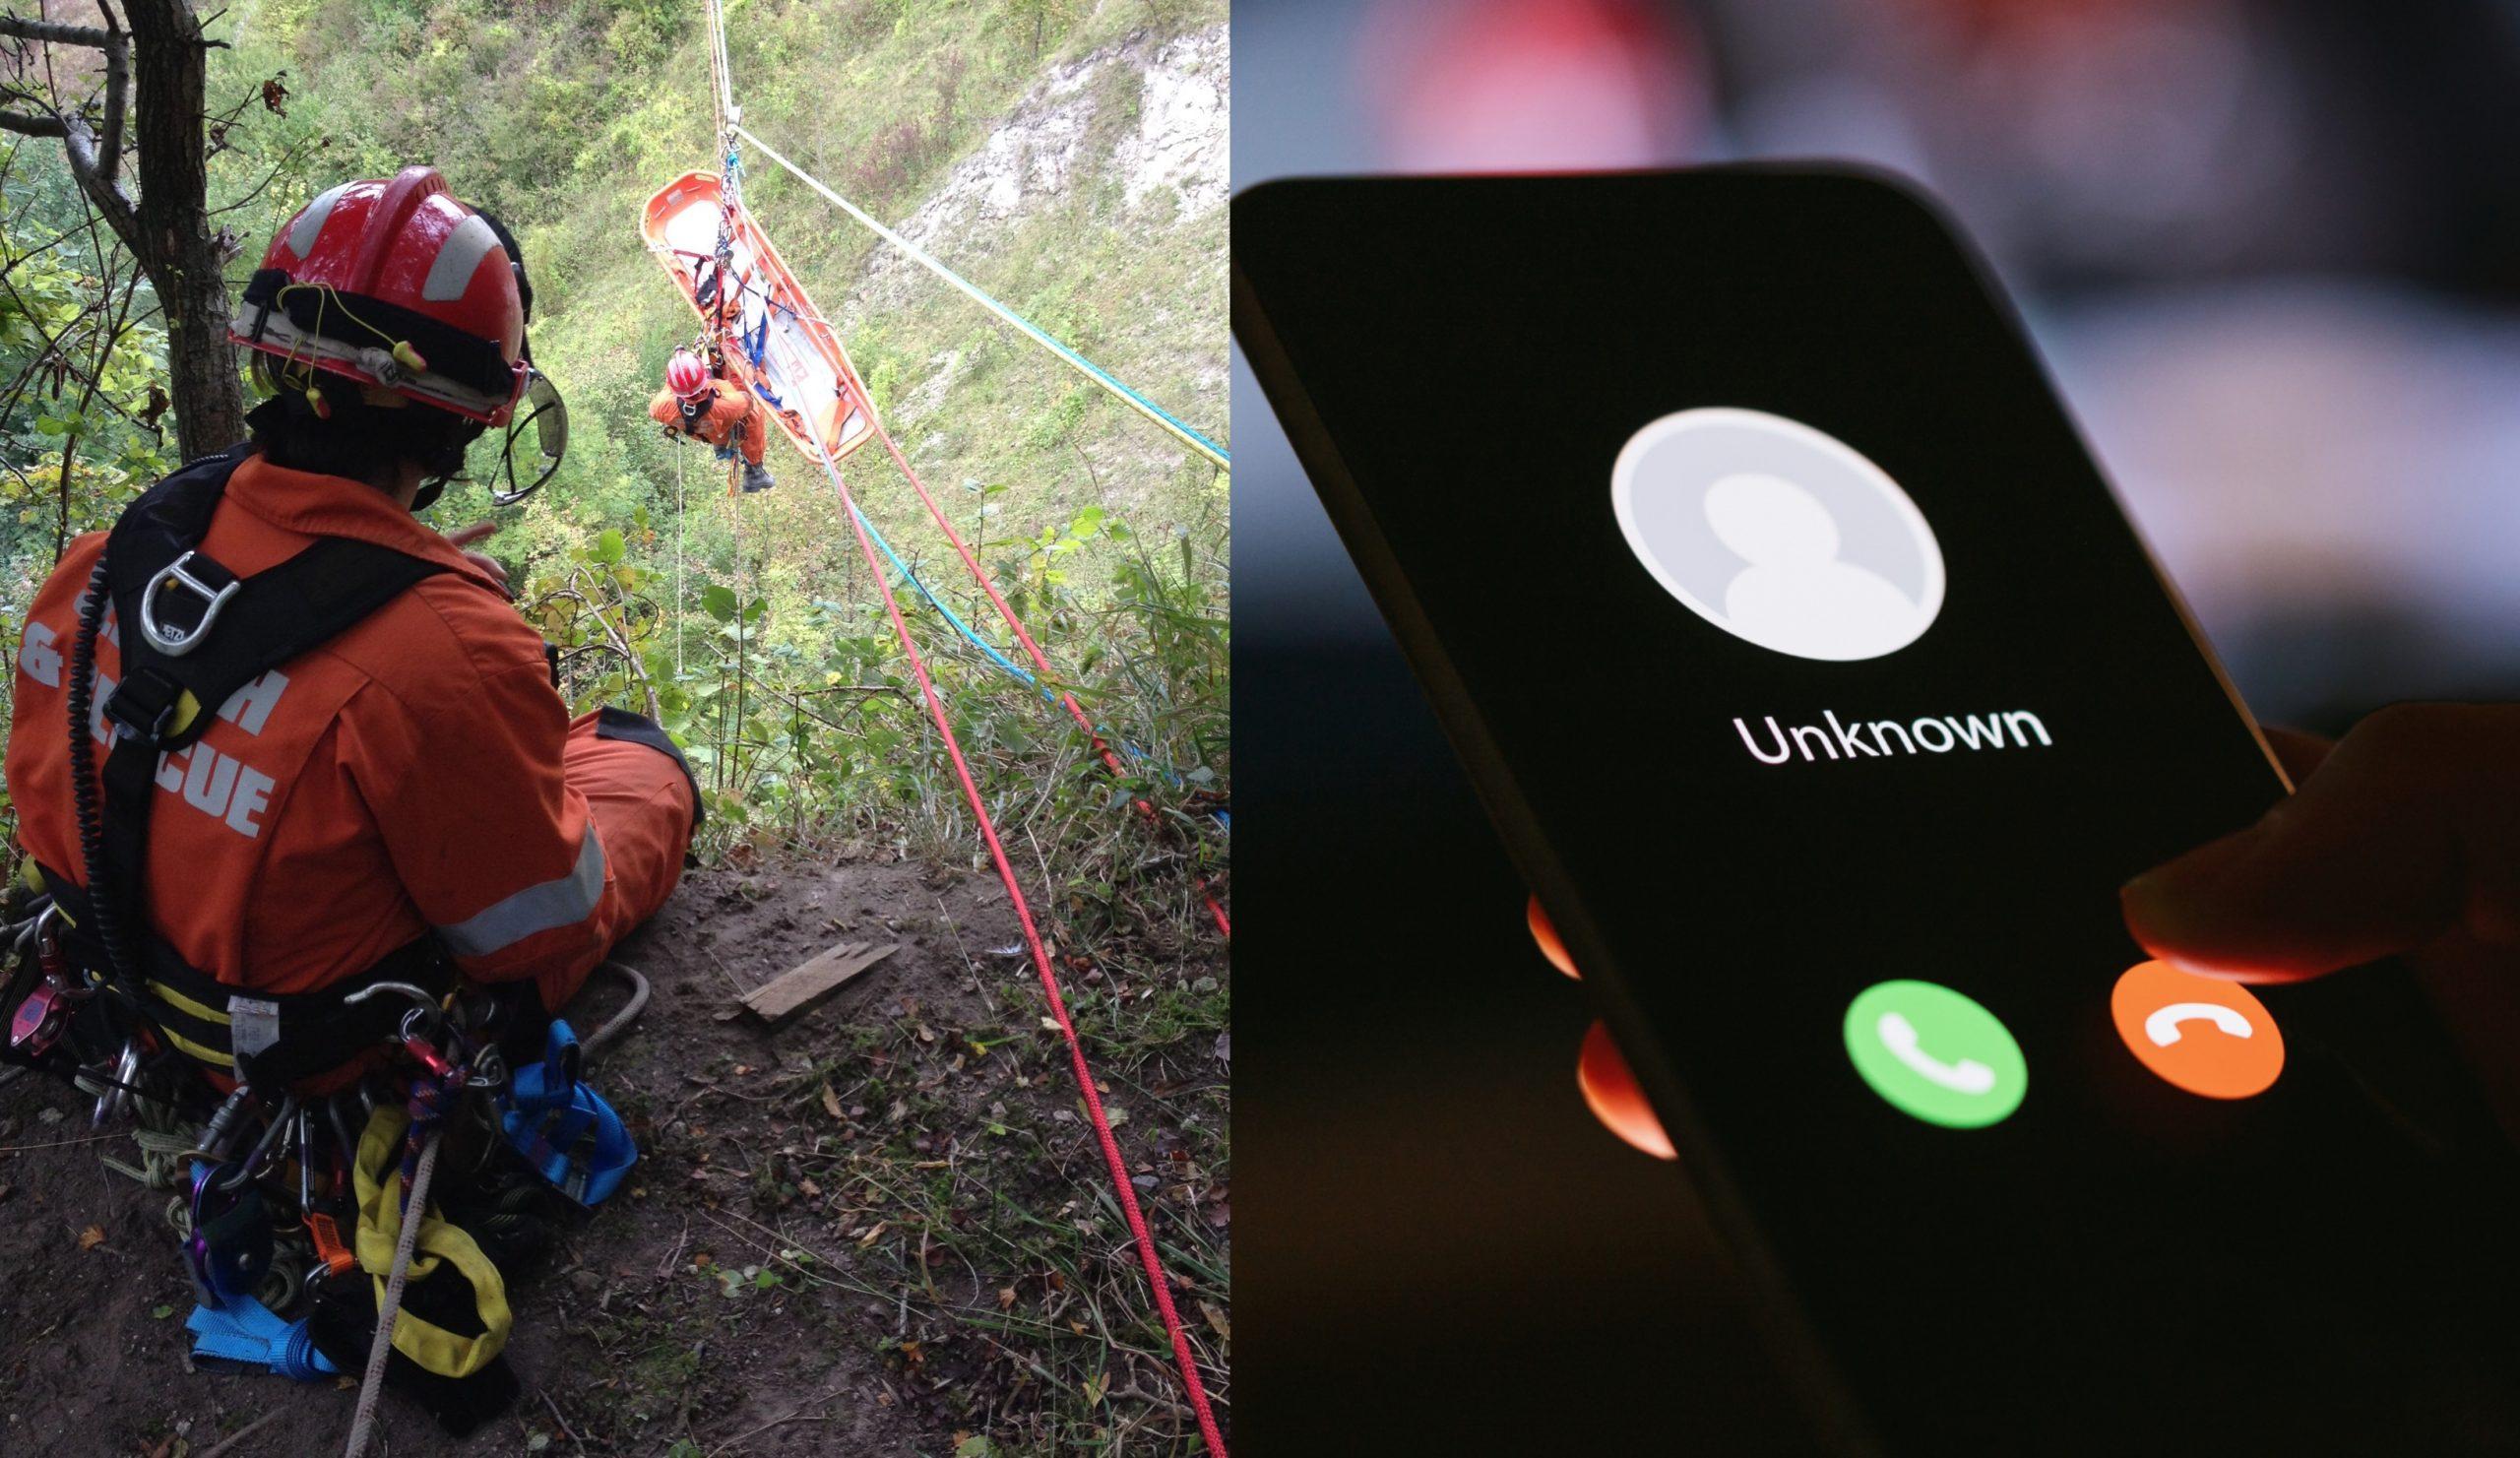 Pendaki Gunung Sesat 24 Jam Abaikan Panggilan Pasukan Penyelamat Kerana Tertera 'Nombor Tidak Dikenali'